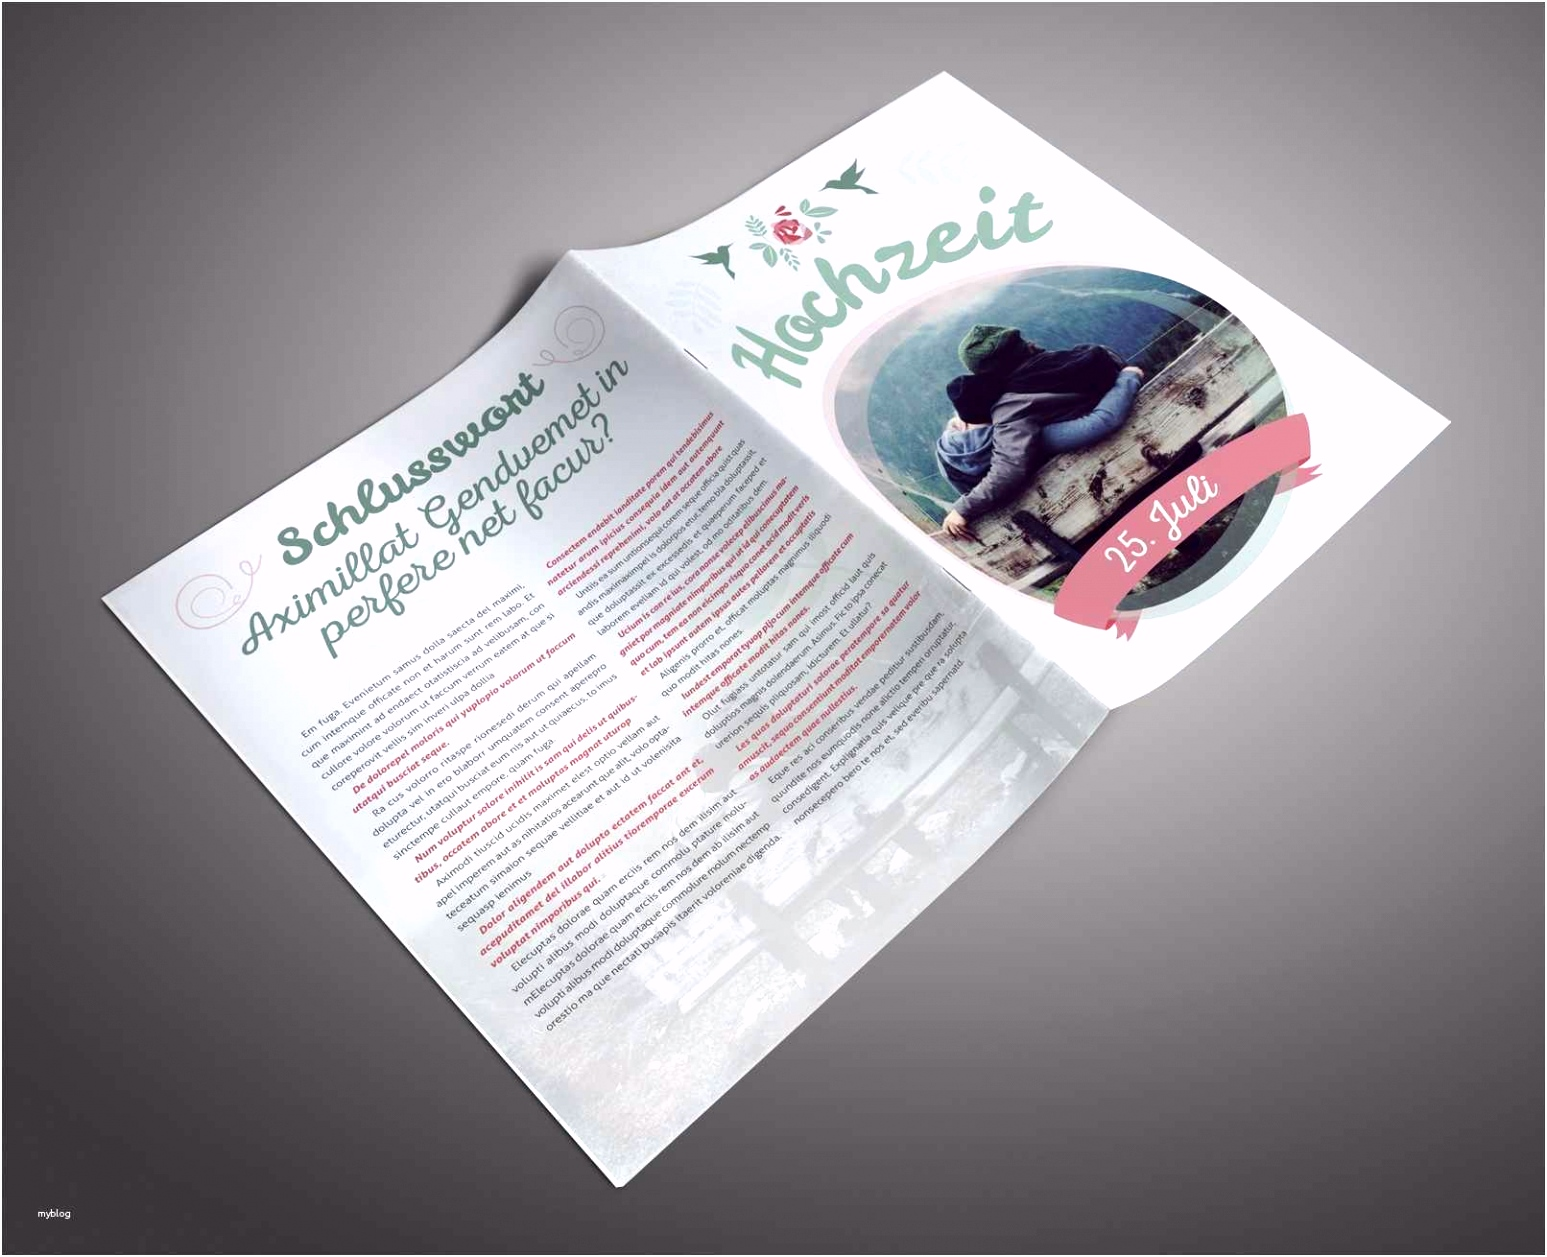 Präsentationsmappe Vorlage Indesign Erstaunlich Hochzeitszeitung